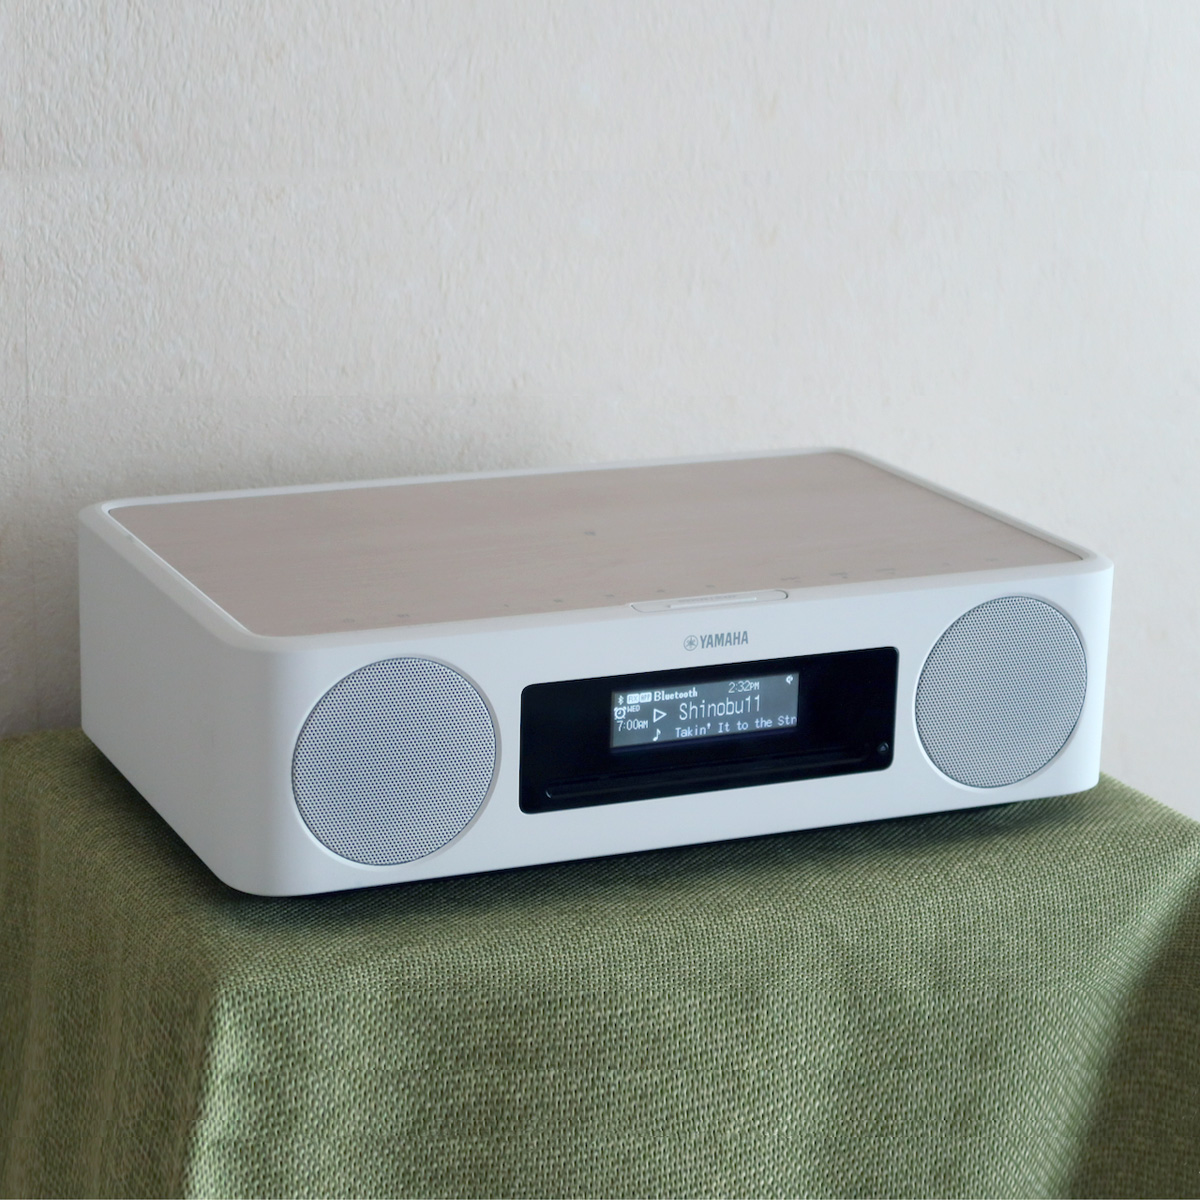 充電しながら音楽再生も! スマホと好相性なヤマハのコンパクトオーディオシステム「TSX-B237」